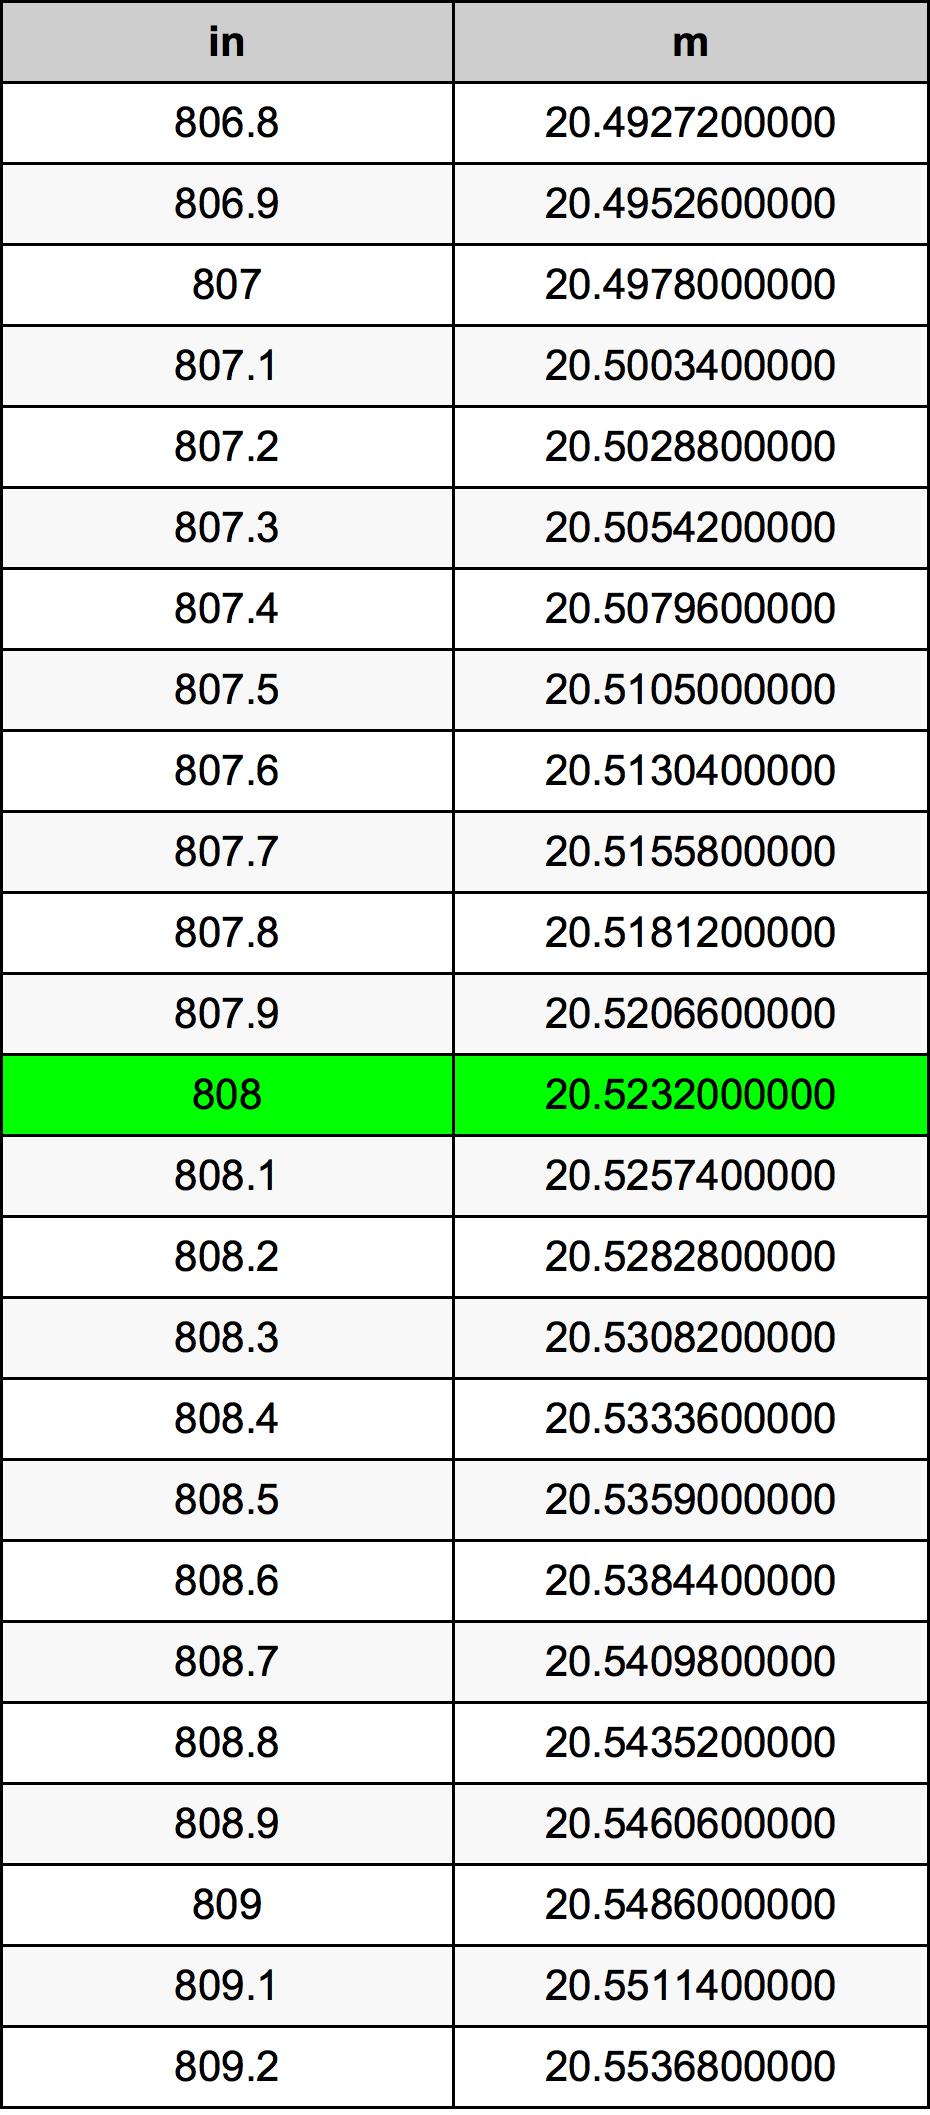 808 Pulzier konverżjoni tabella